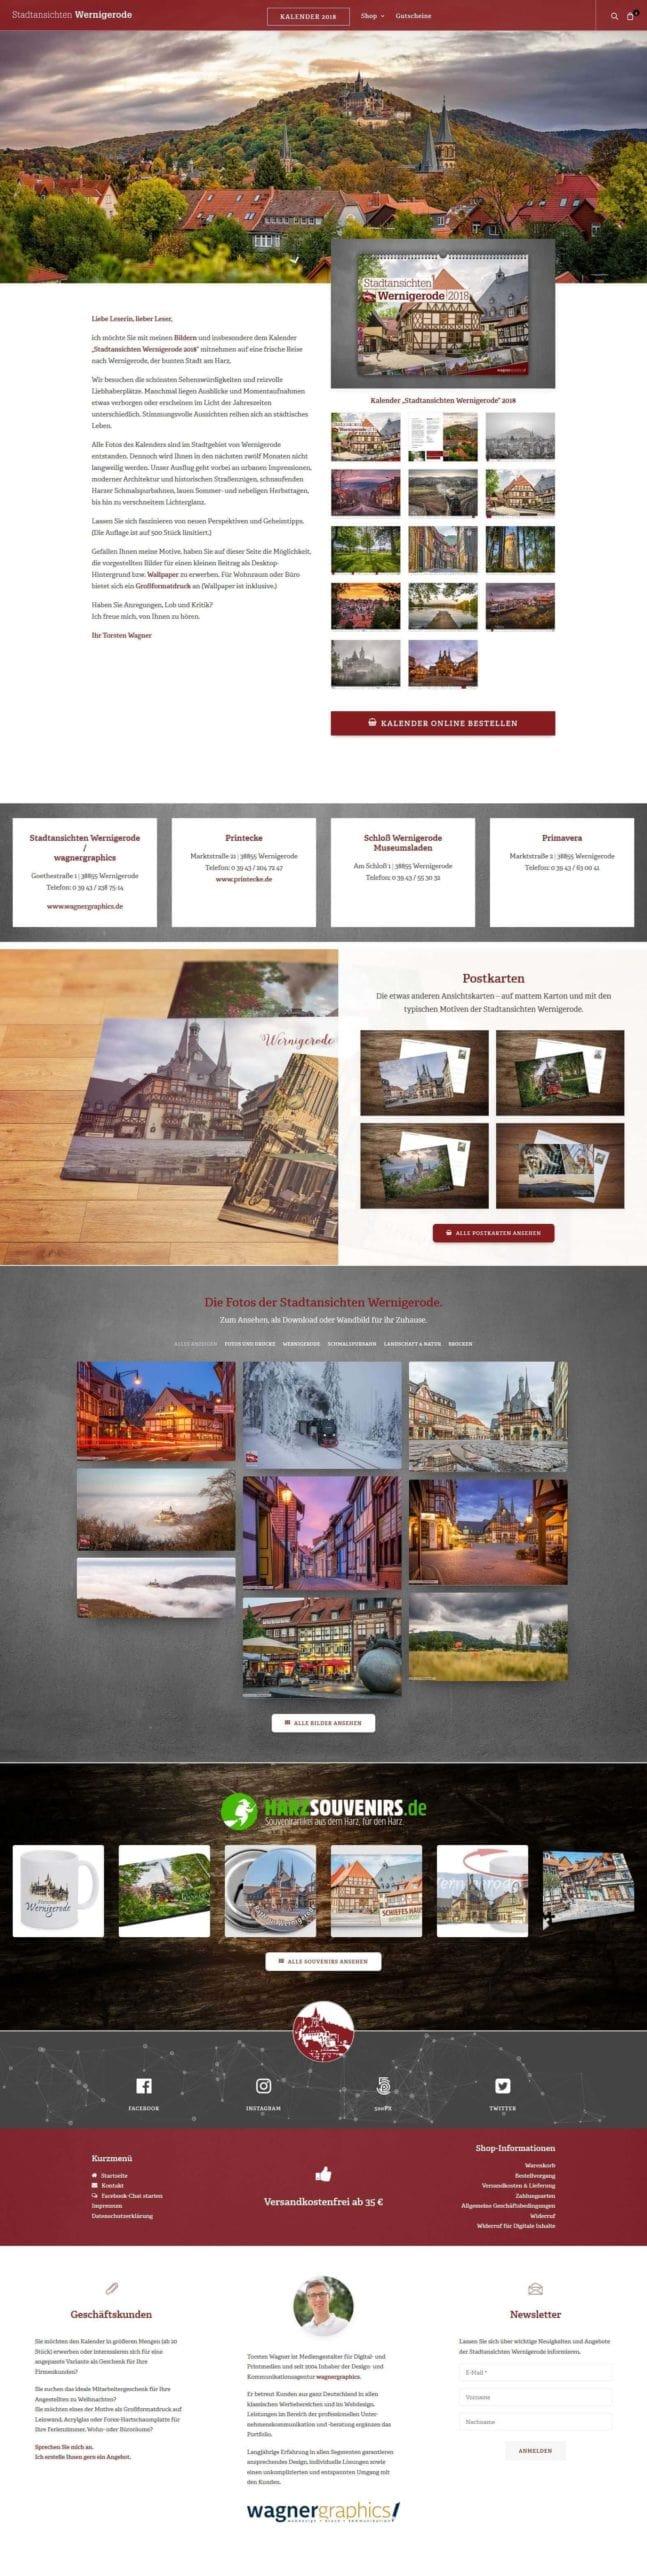 Webdesign für Stadtansichten Wernigerode